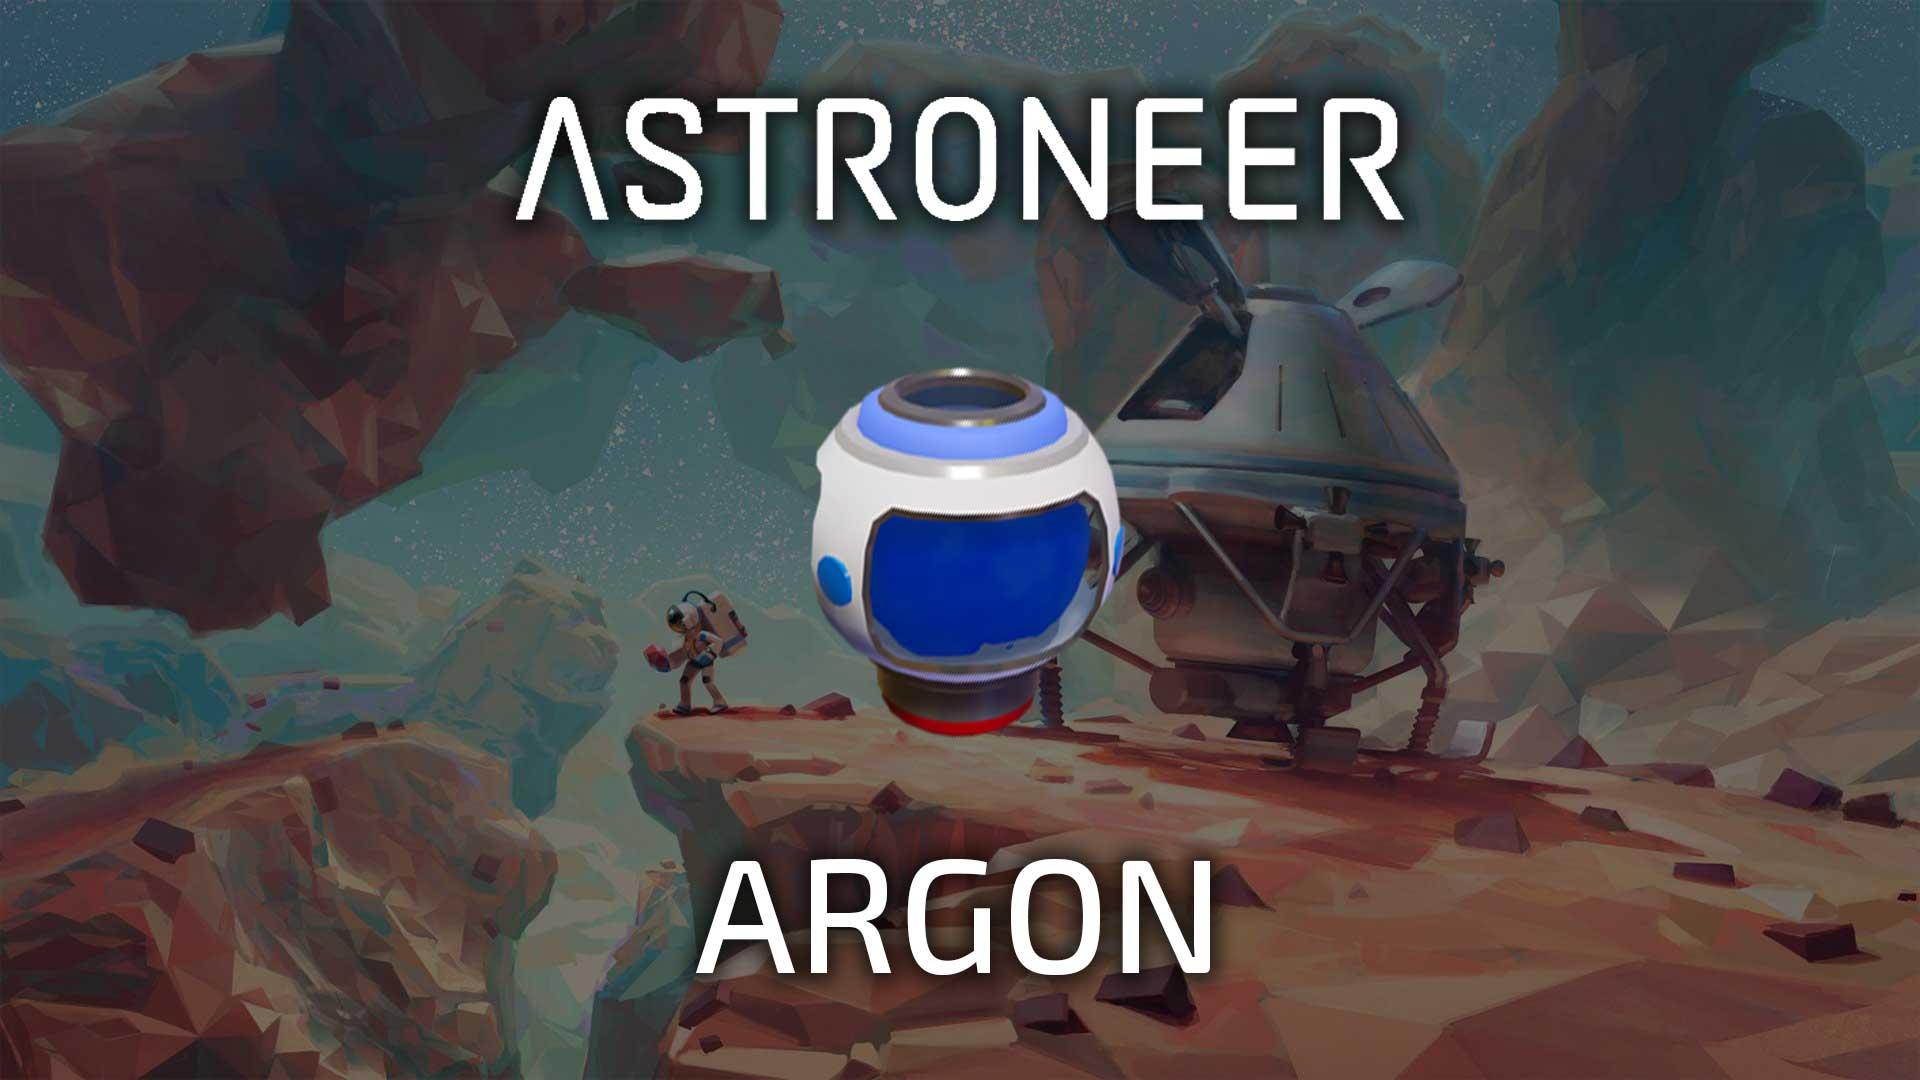 astroneer argon